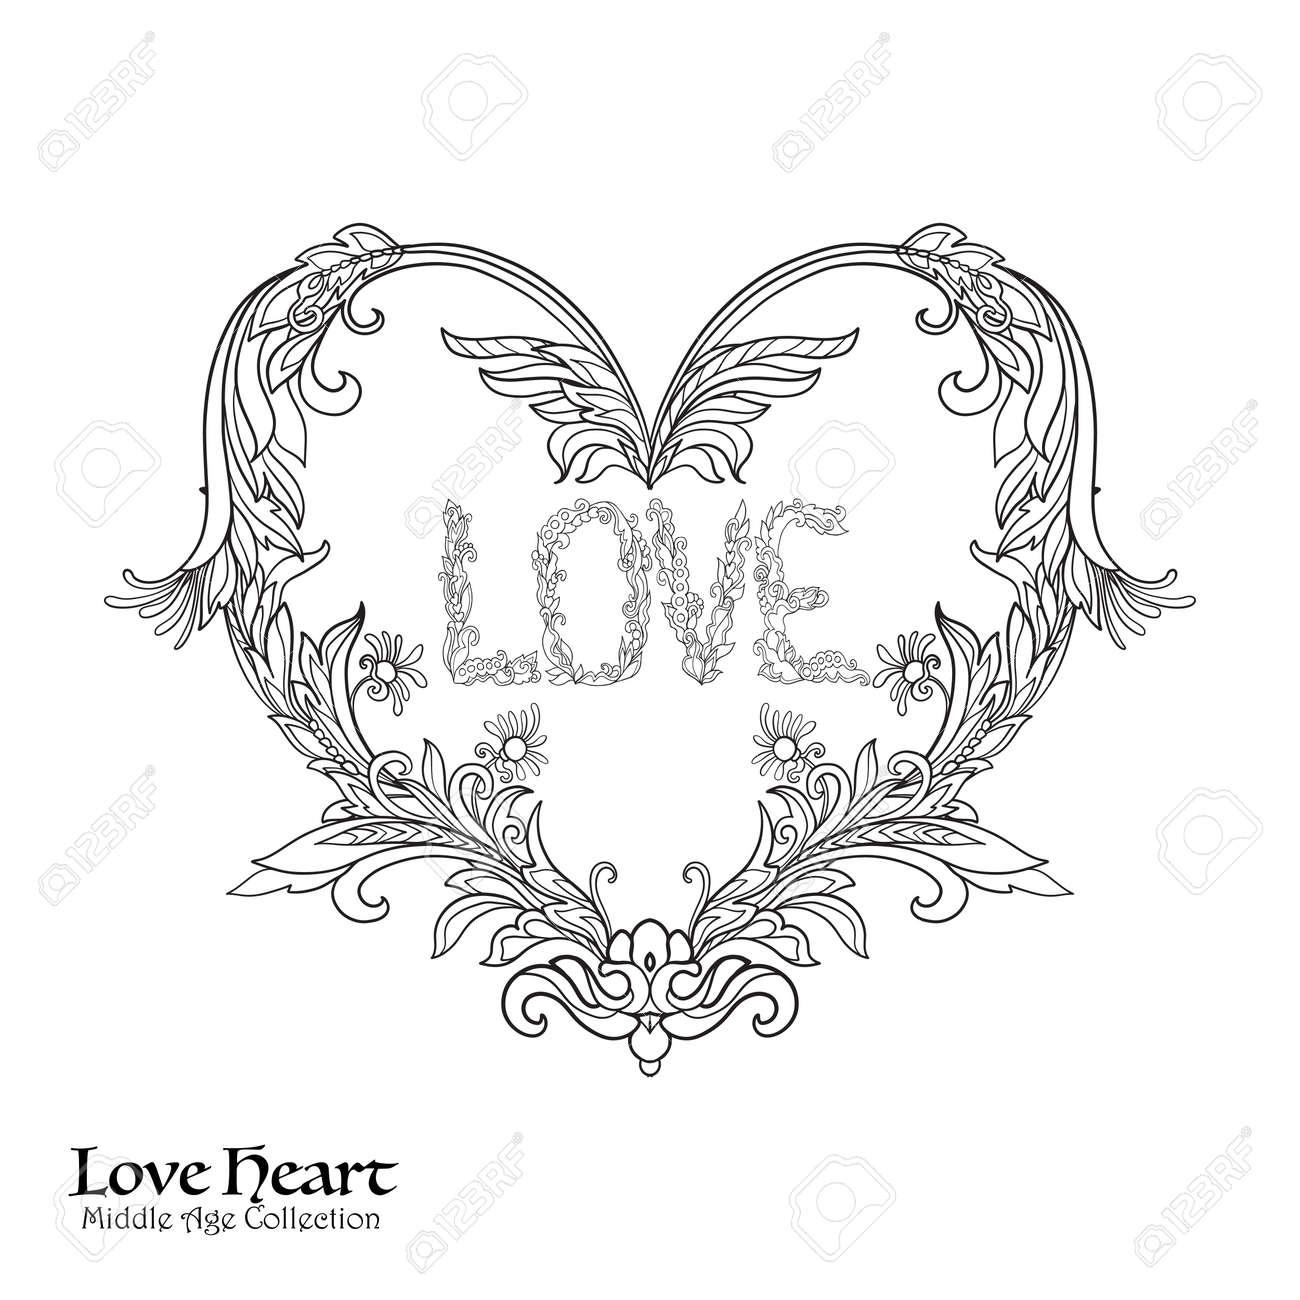 Vettoriale Amore Decorativo Cuore In Stile Rococò Vittoriano